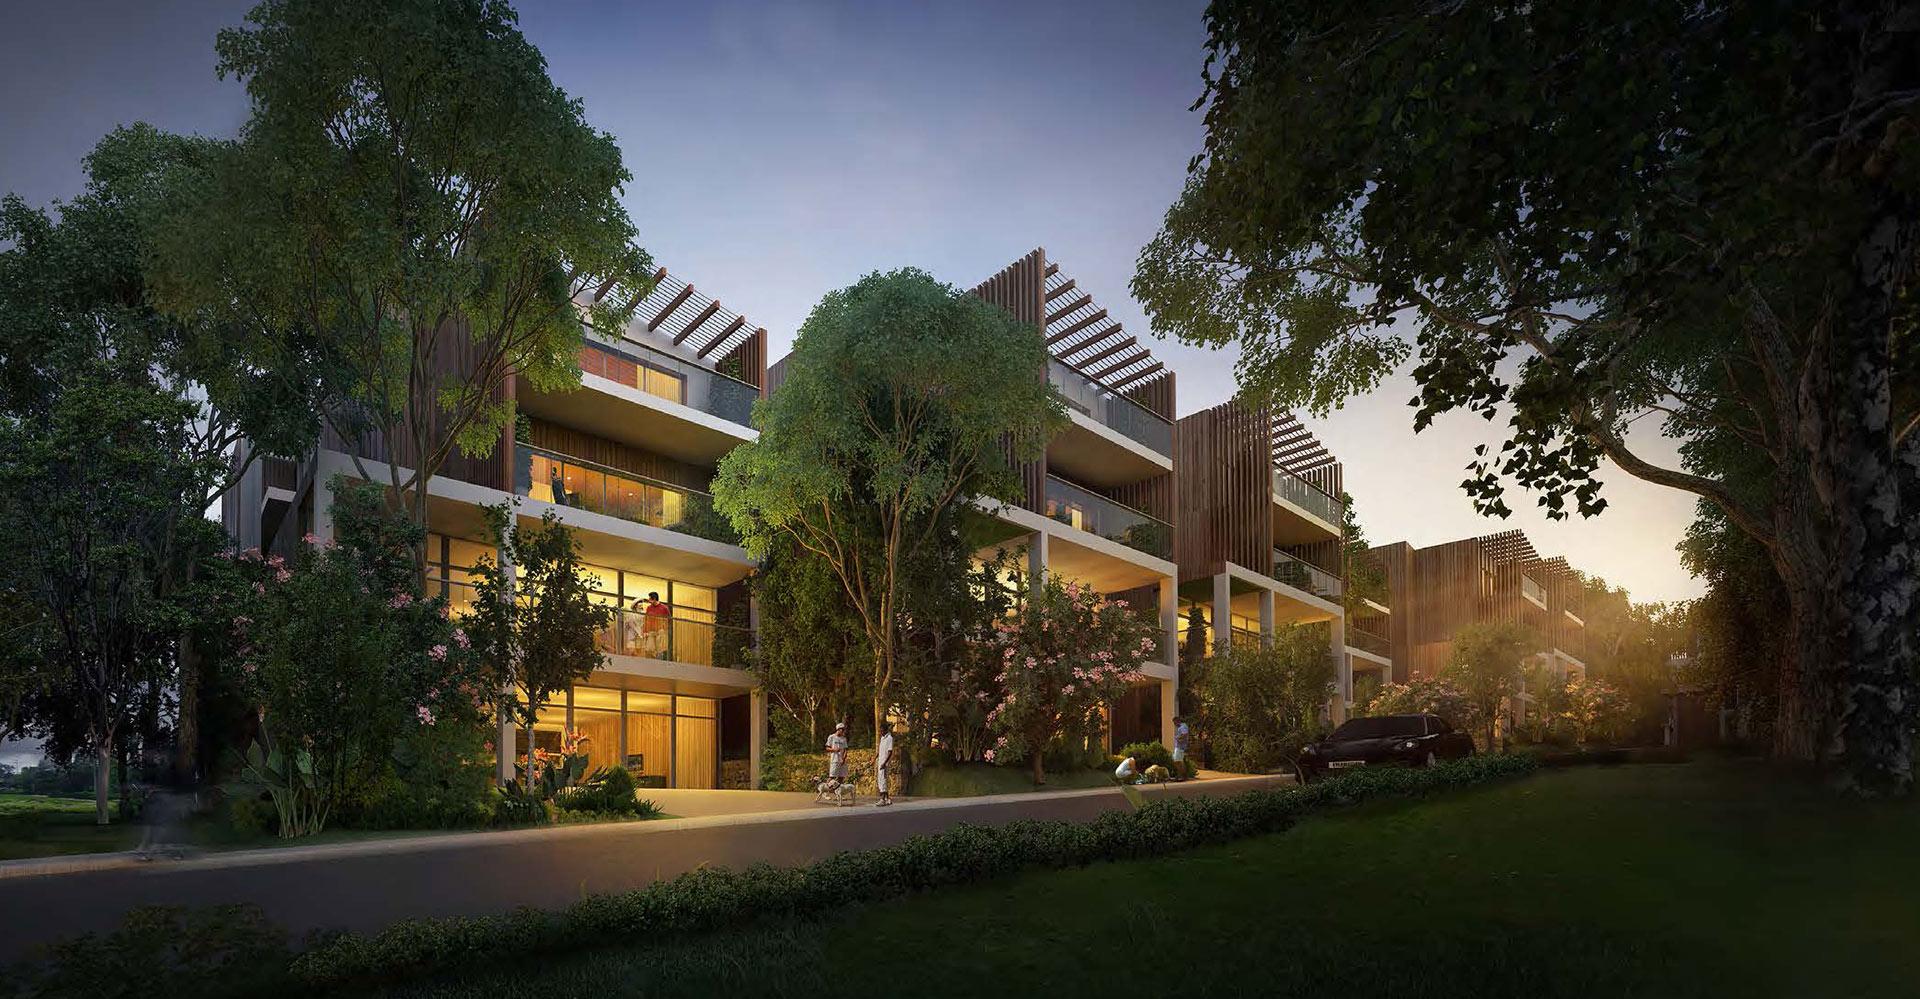 KLGCC Urban Resort Golf - Iskandar Malaysia WATG 2